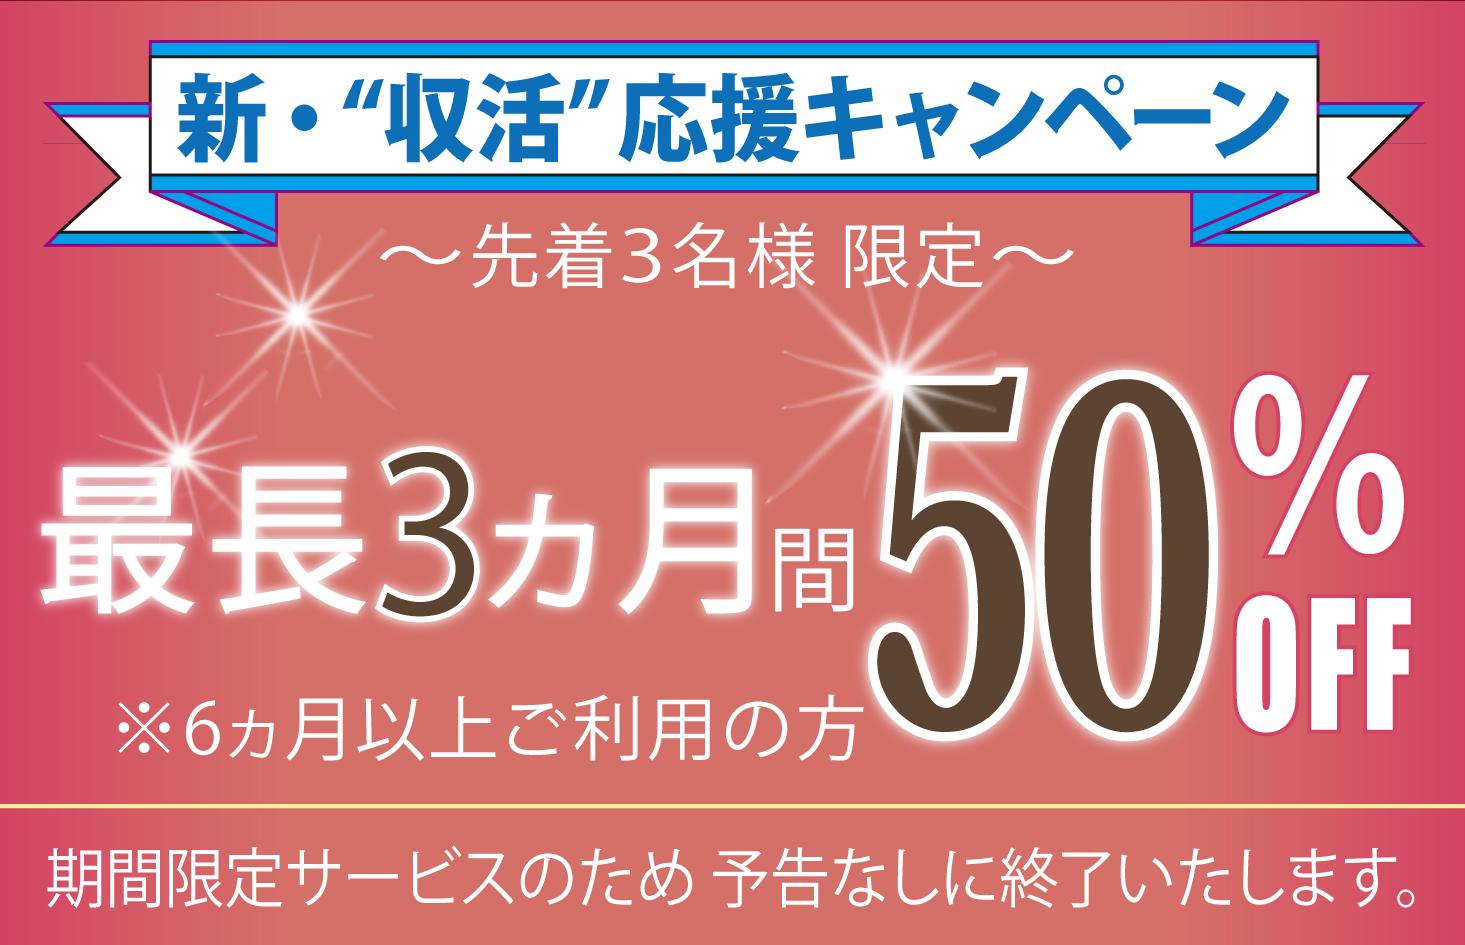 """千葉 柏 松葉町店 """"最大3ヵ月 50% OFF!""""【新・収活応援キャンペーン中!】(6ヵ月以上の方)"""